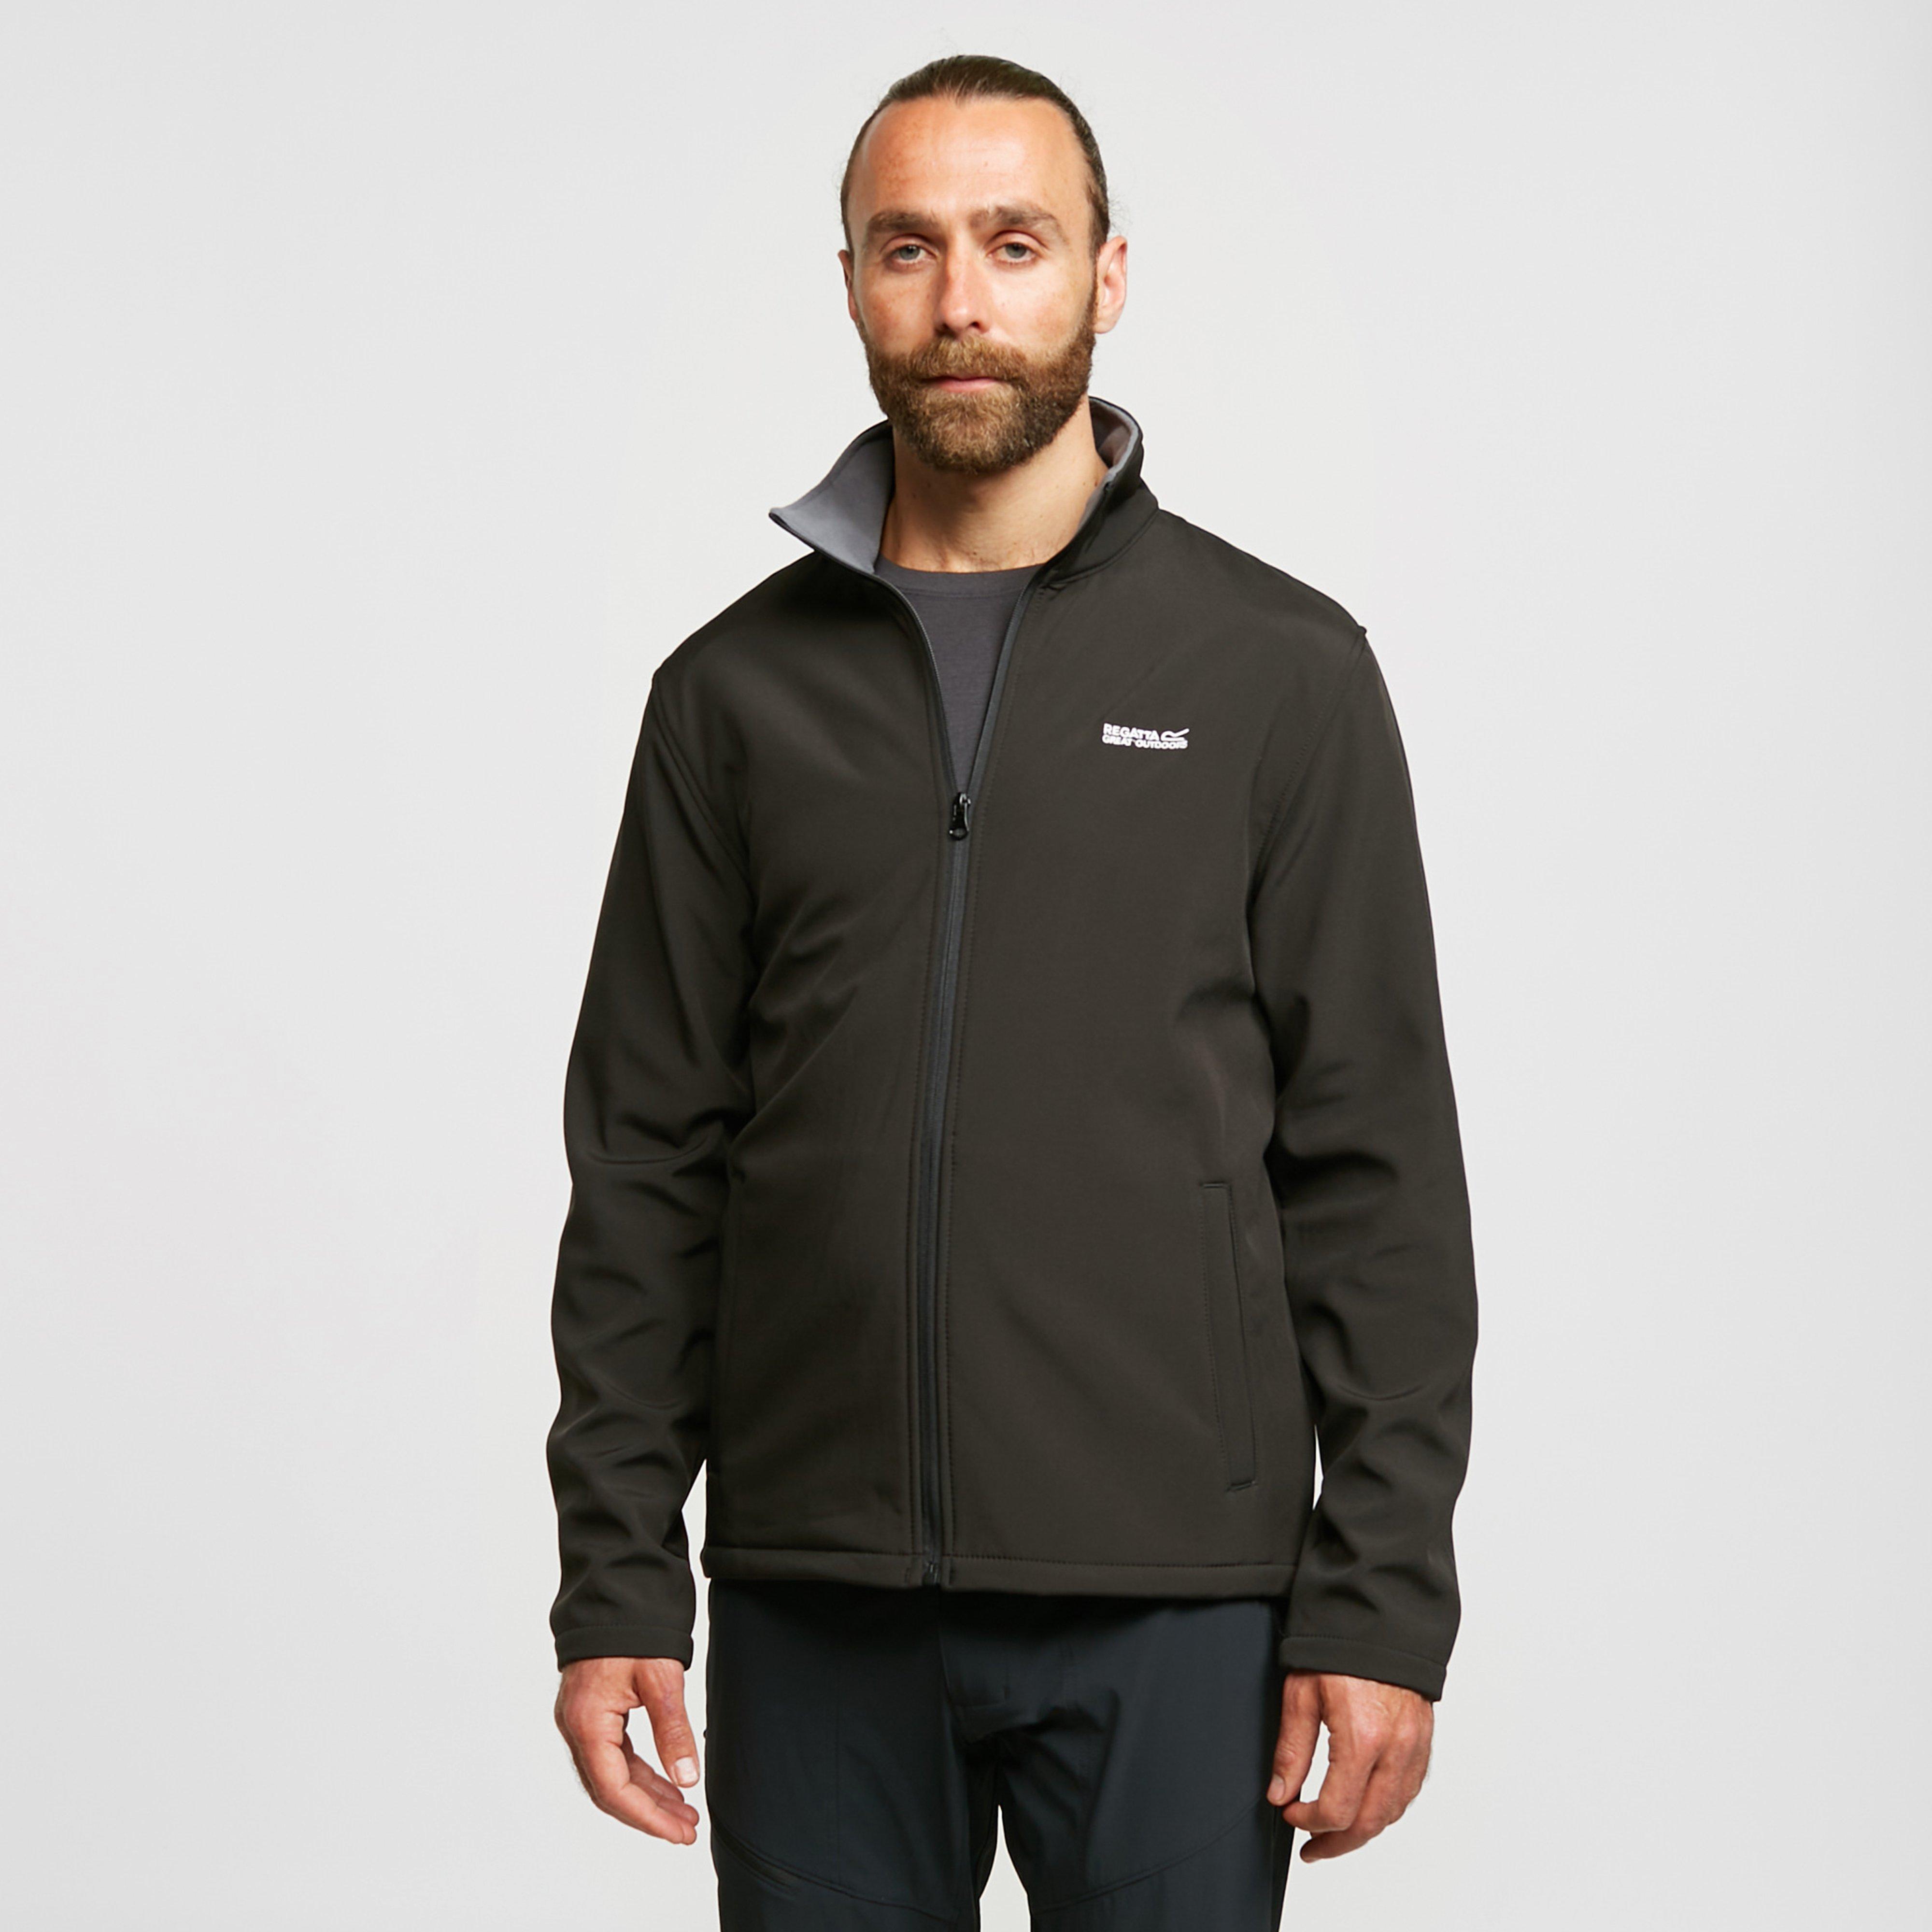 Regatta Men's Cera Iii Softshell Jacket - Black, Black